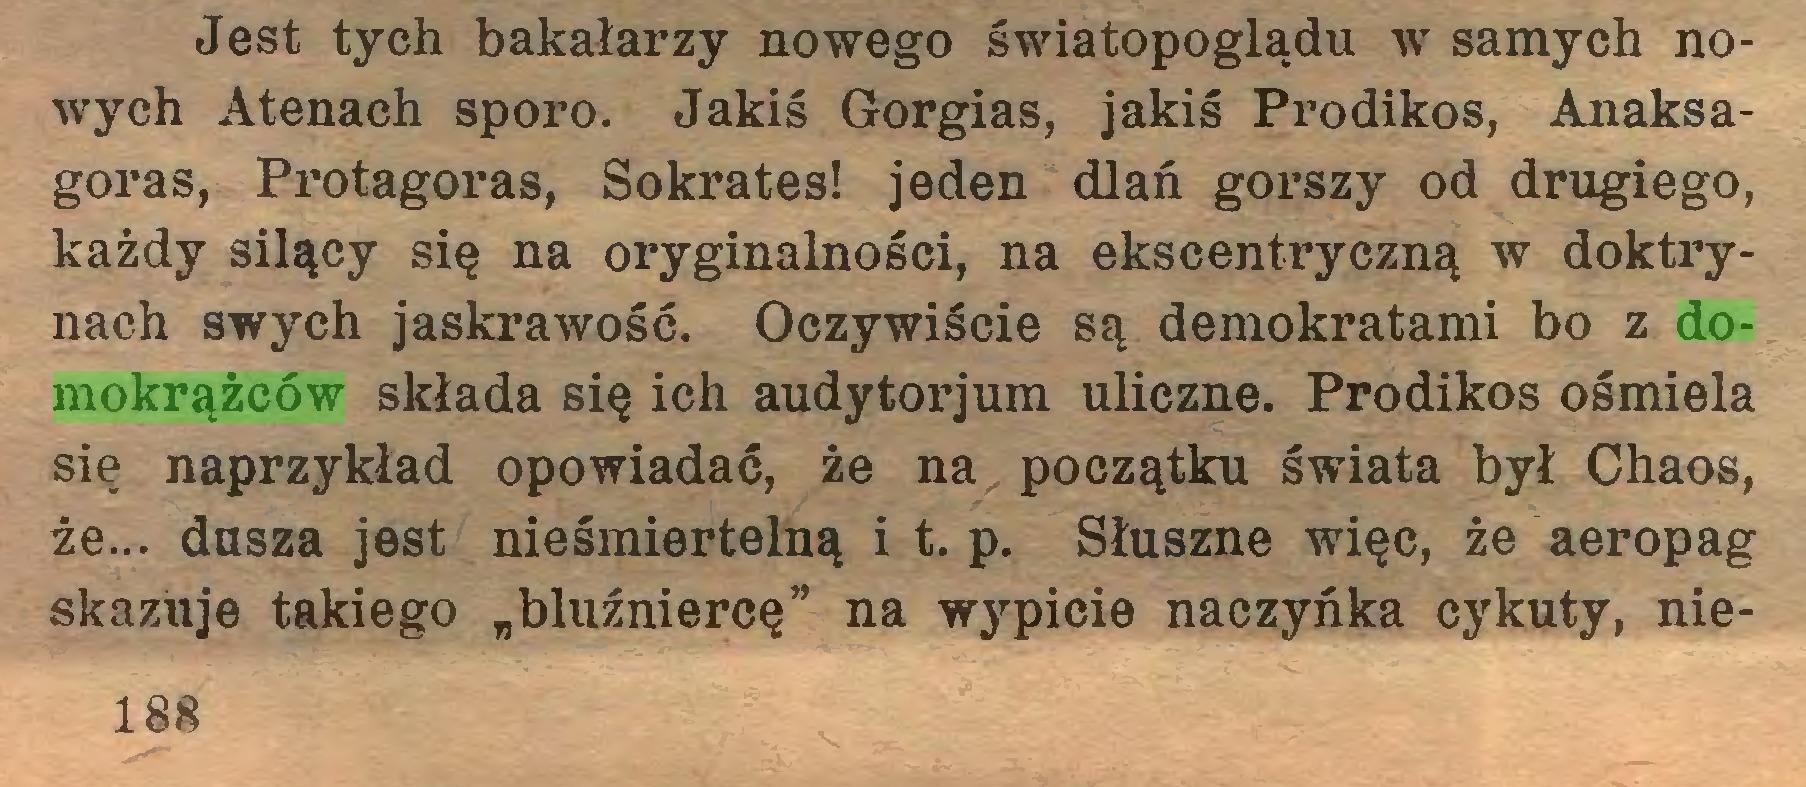 """(...) Jest tych bakałarzy nowego światopoglądu w samych nowych Atenach sporo. Jakiś Gorgias, jakiś Prodikos, Anaksagoras, Protagoras, Sokrates! jeden dlań gorszy od drugiego, każdy silący się na oryginalności, na ekscentryczną w doktrynach swych jaskrawość. Oczywiście są demokratami bo z domokrążców składa się ich audytorjum uliczne. Prodikos ośmiela się naprzykład opowiadać, że na początku świata był Chaos, że... dusza jest nieśmiertelną i t. p. Słuszne więc, że aeropag skazuje takiego """"bluźniercę"""" na wypicie naczyńka cykuty, nie188..."""